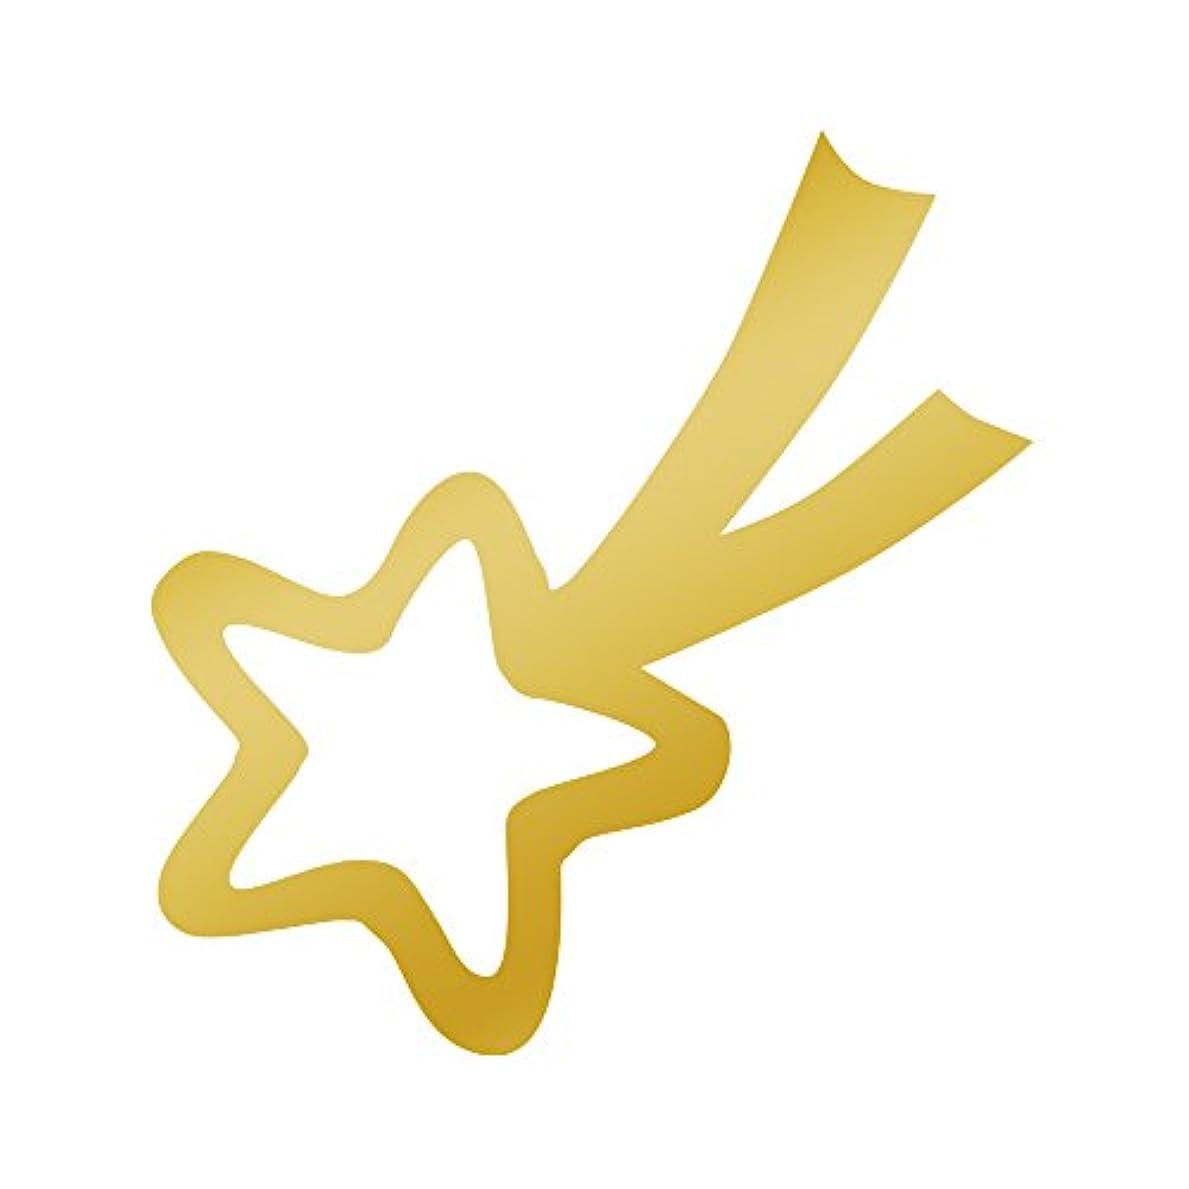 リゾート悔い改めるジョグリトルプリティー ネイルアートパーツ 流れ星 S ゴールド 10個